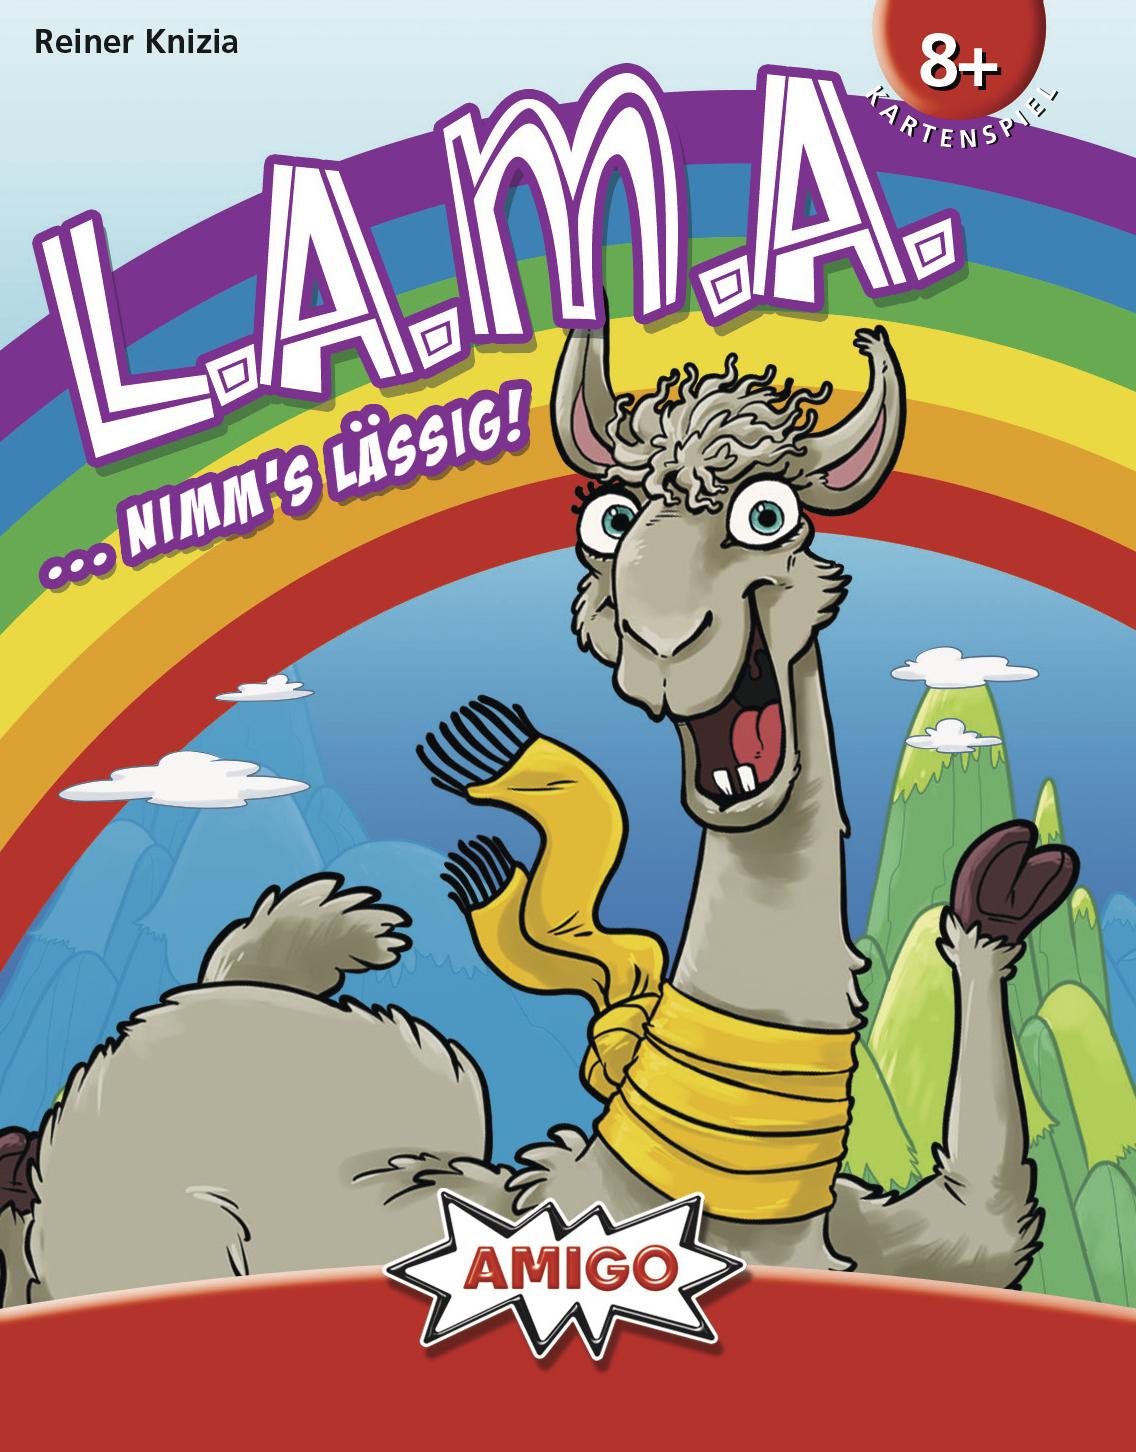 A13_SO_Lama_LF_Stanze